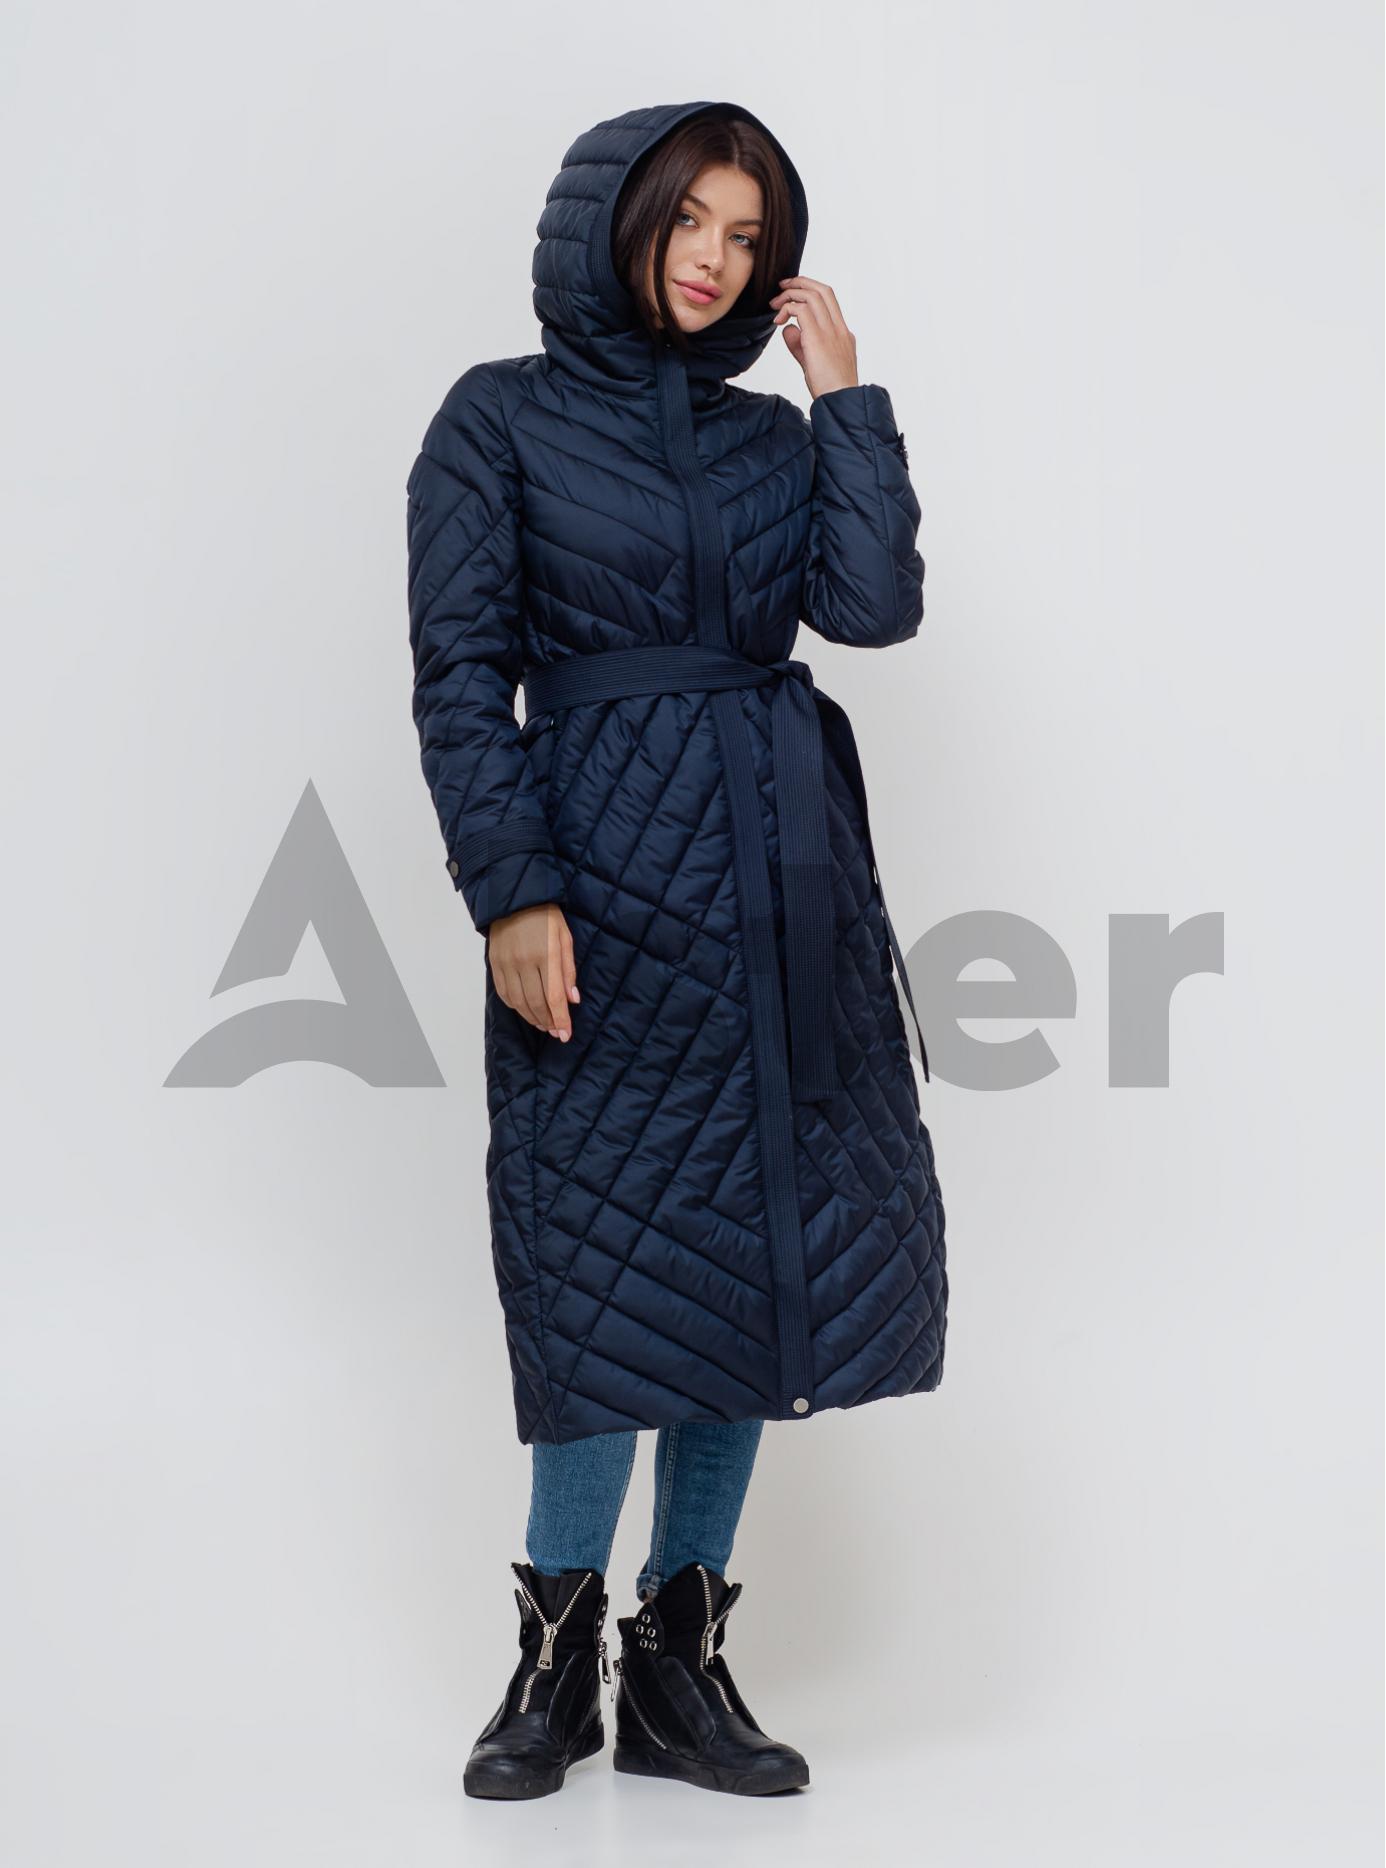 Пальто жіноче єврозима Темно-синій 46 (02-KL201011): фото - Alster.ua